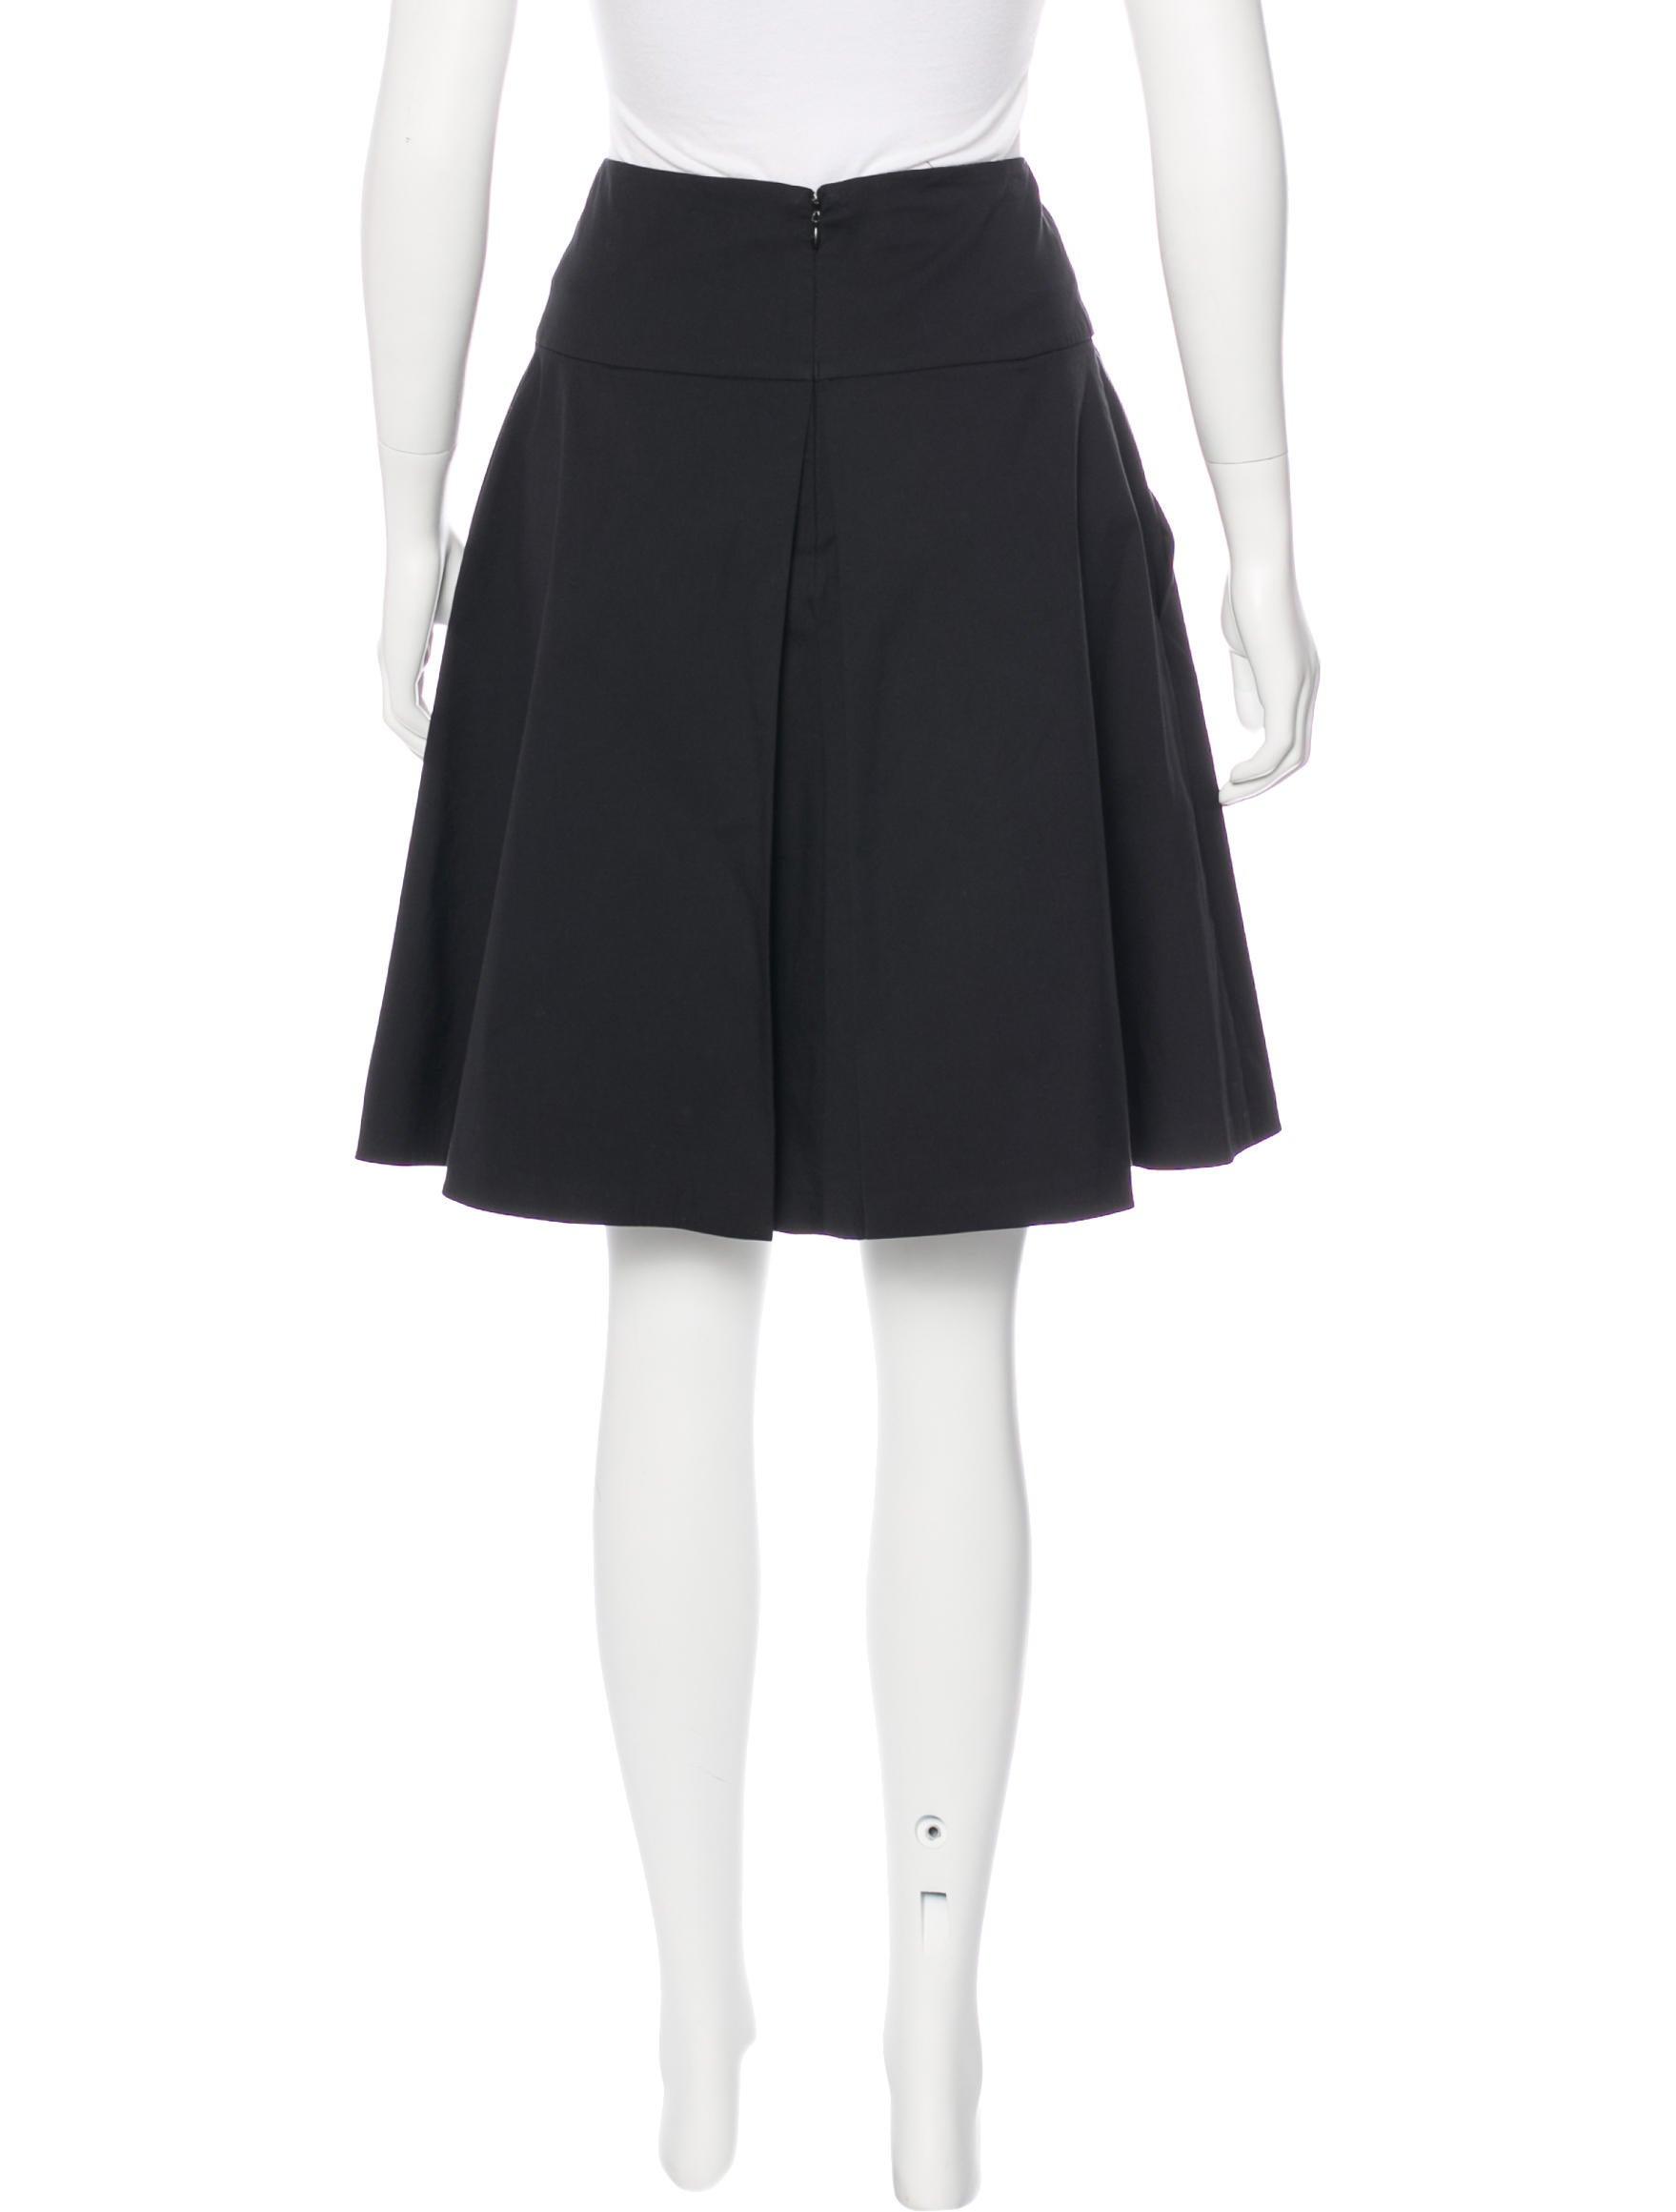 prada sport knee length a line skirt clothing wpr43416